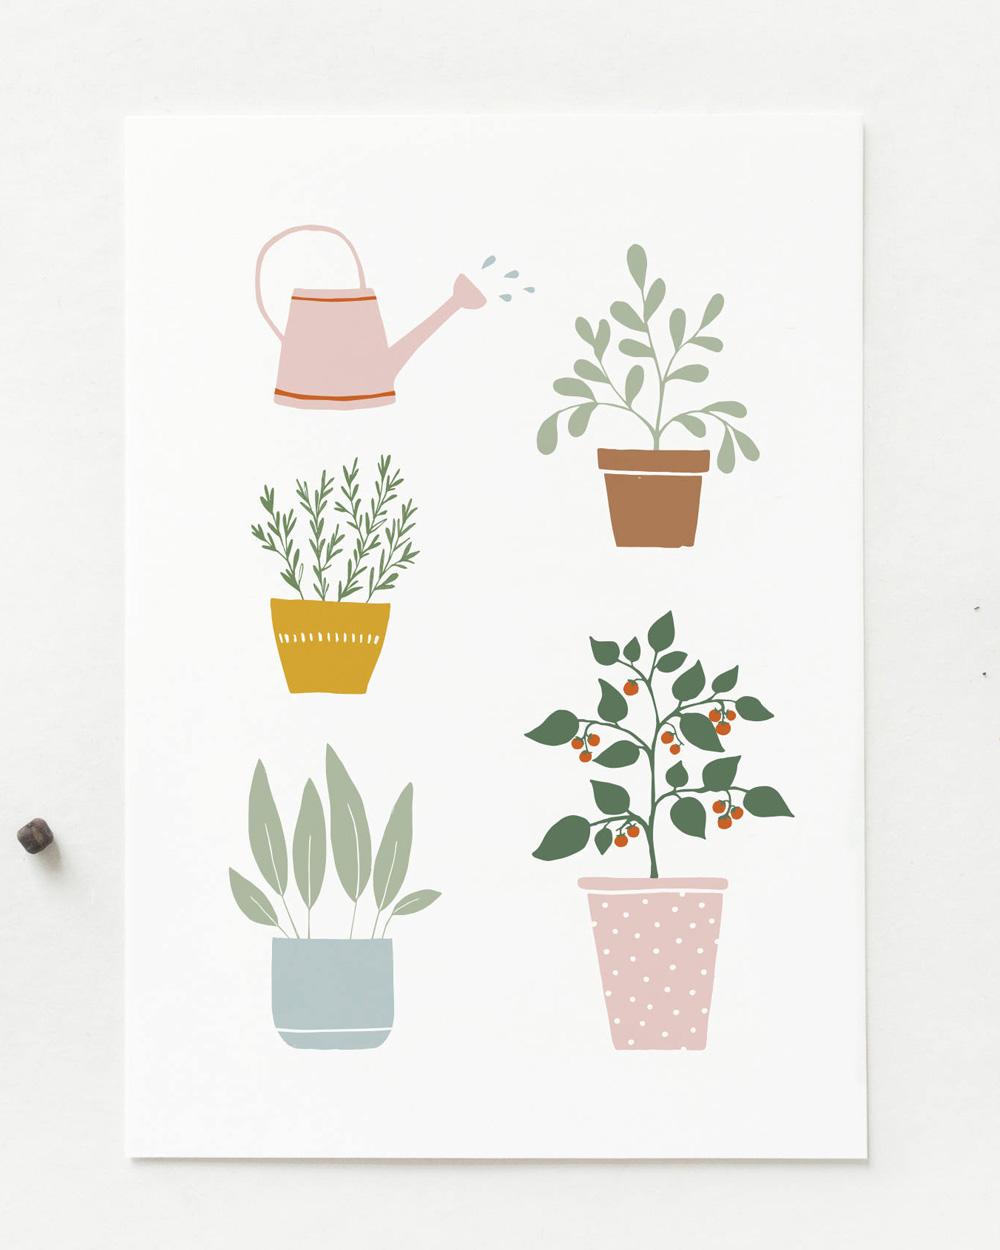 carte postale illustration végétale